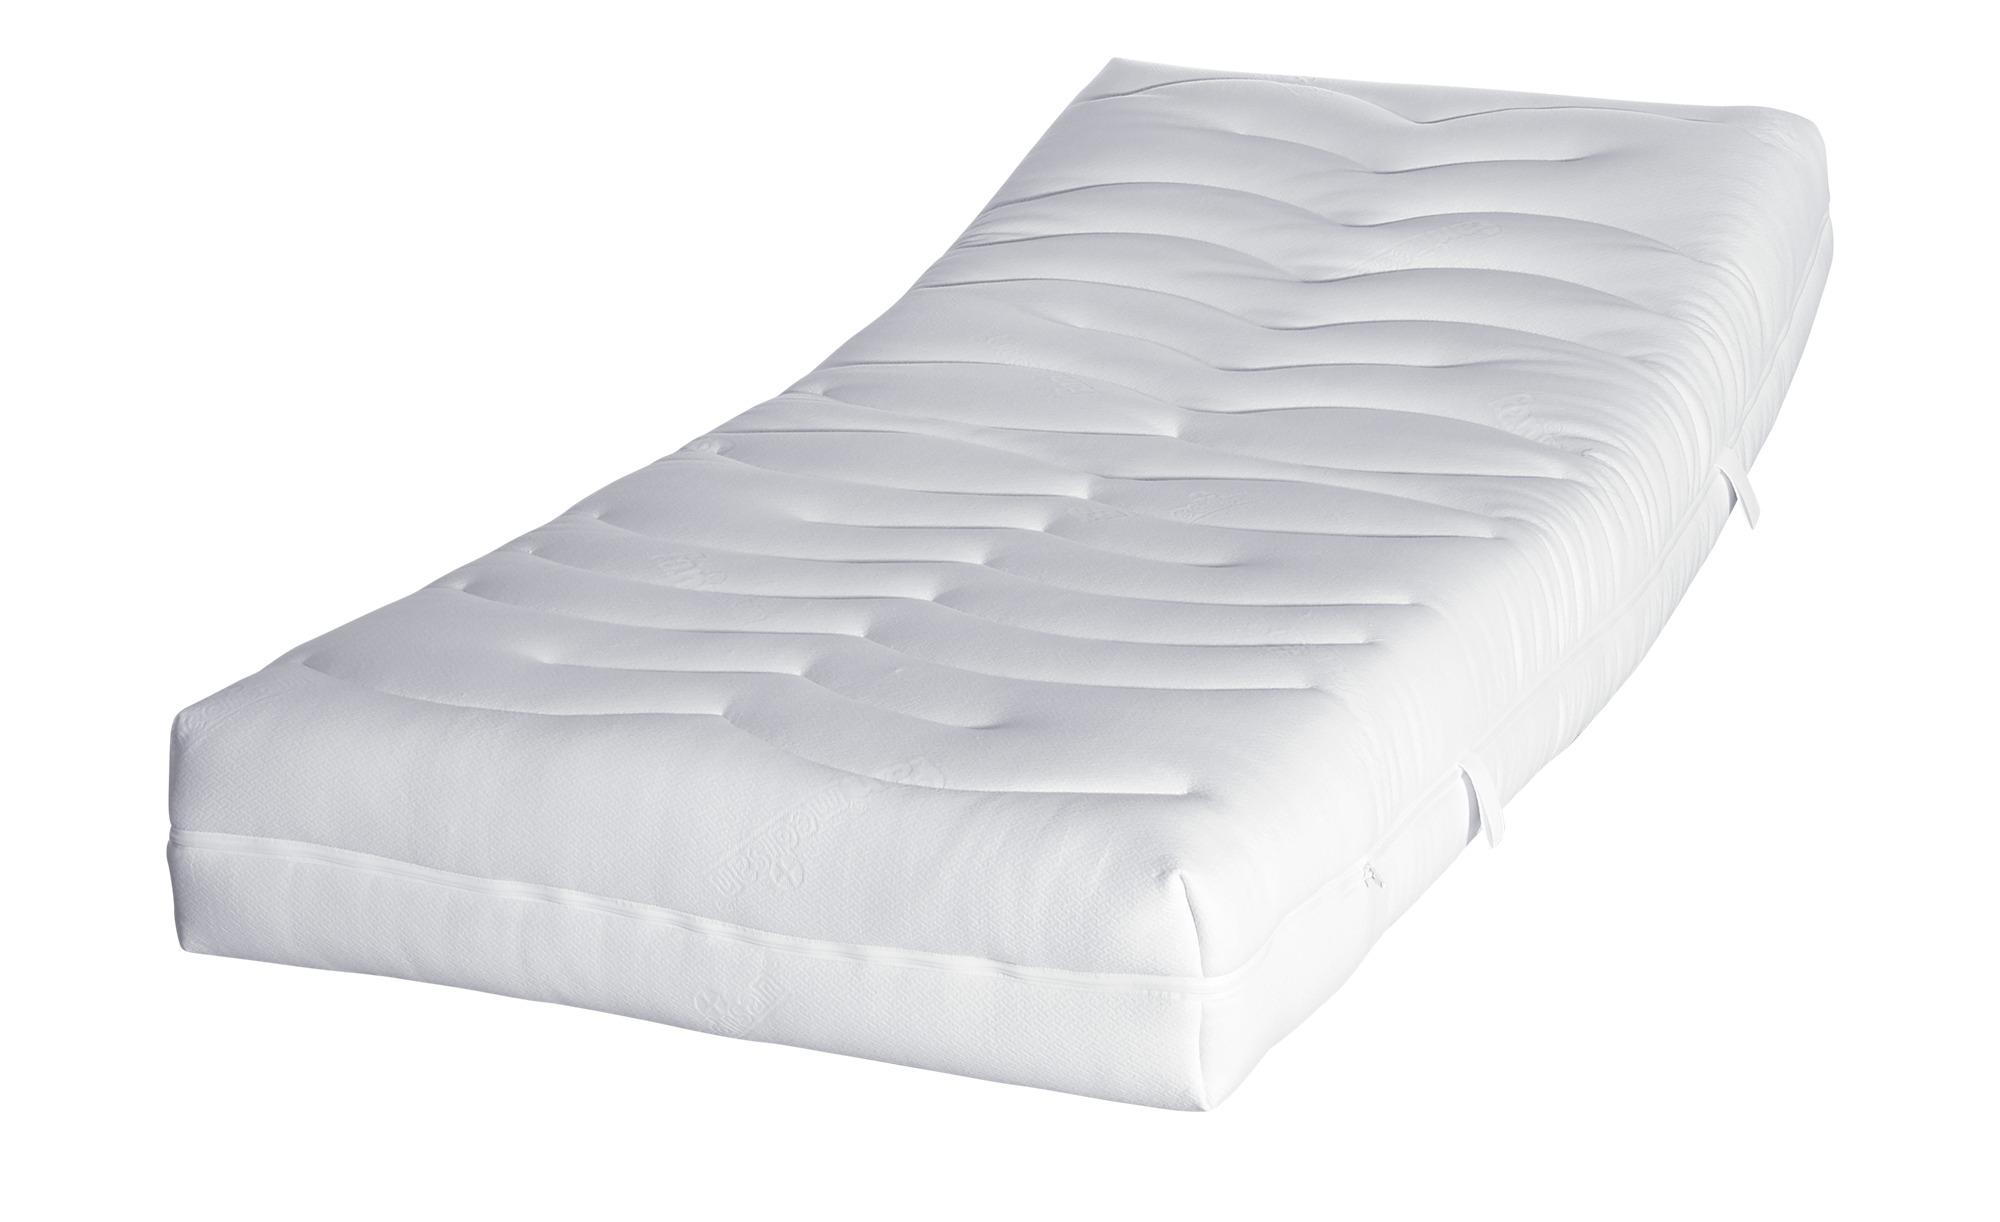 Viscoschaummatratze  Medisan Luxus VS - weiß - 90 cm - 20 cm - 200 cm - Sconto | Schlafzimmer > Matratzen > Viscoschaum-Matratzen | Sconto